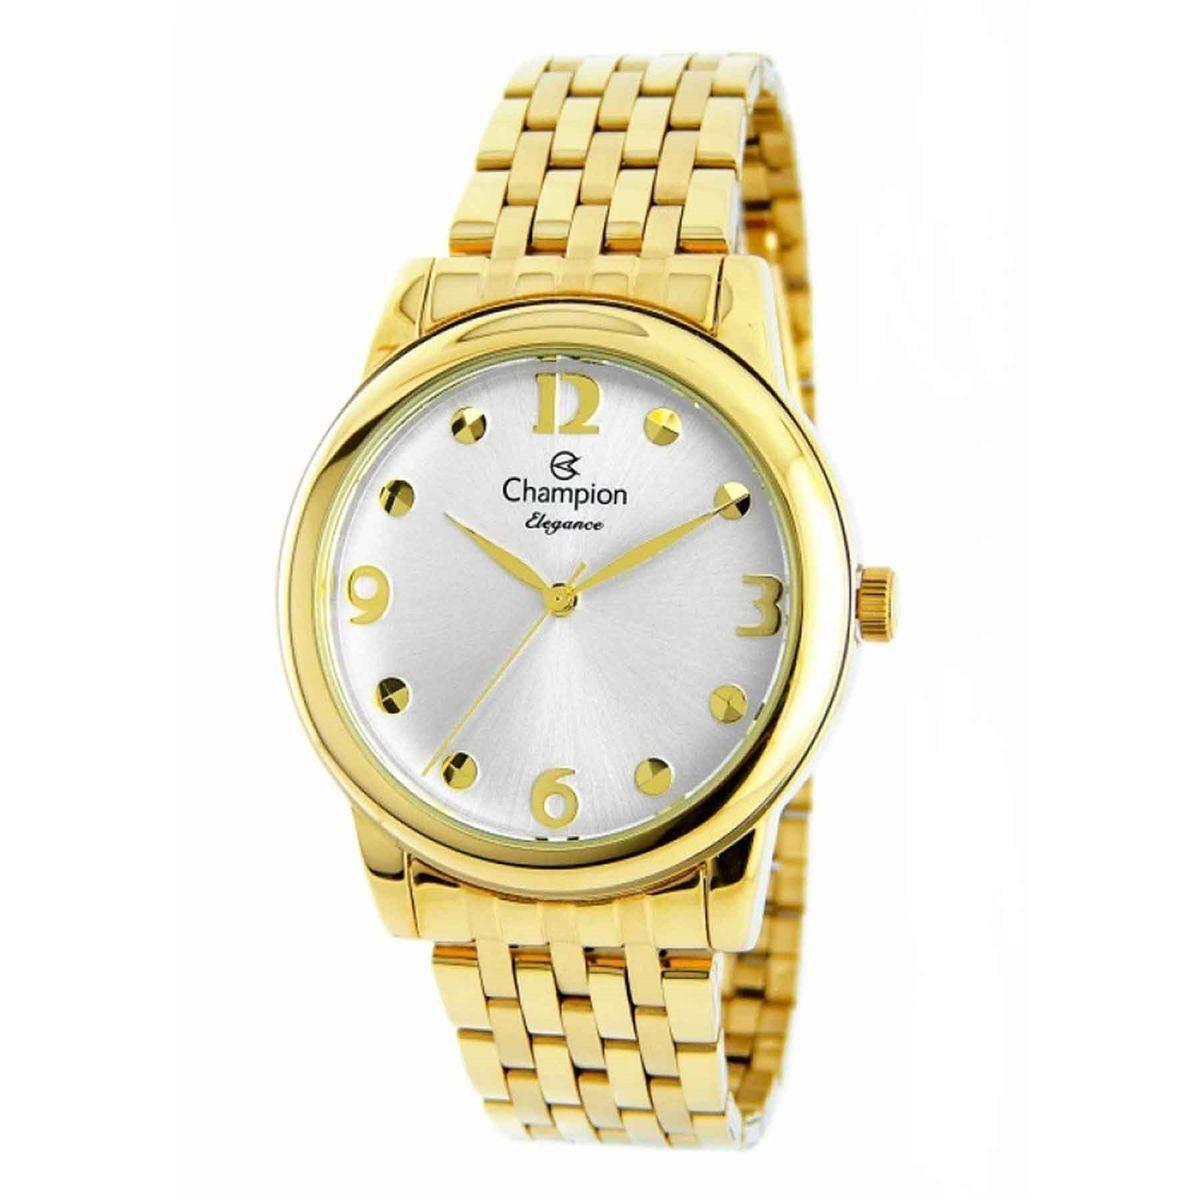 136f0987067 Relógio Champion Elegance Analógico Feminino CN26813H Produto não disponível